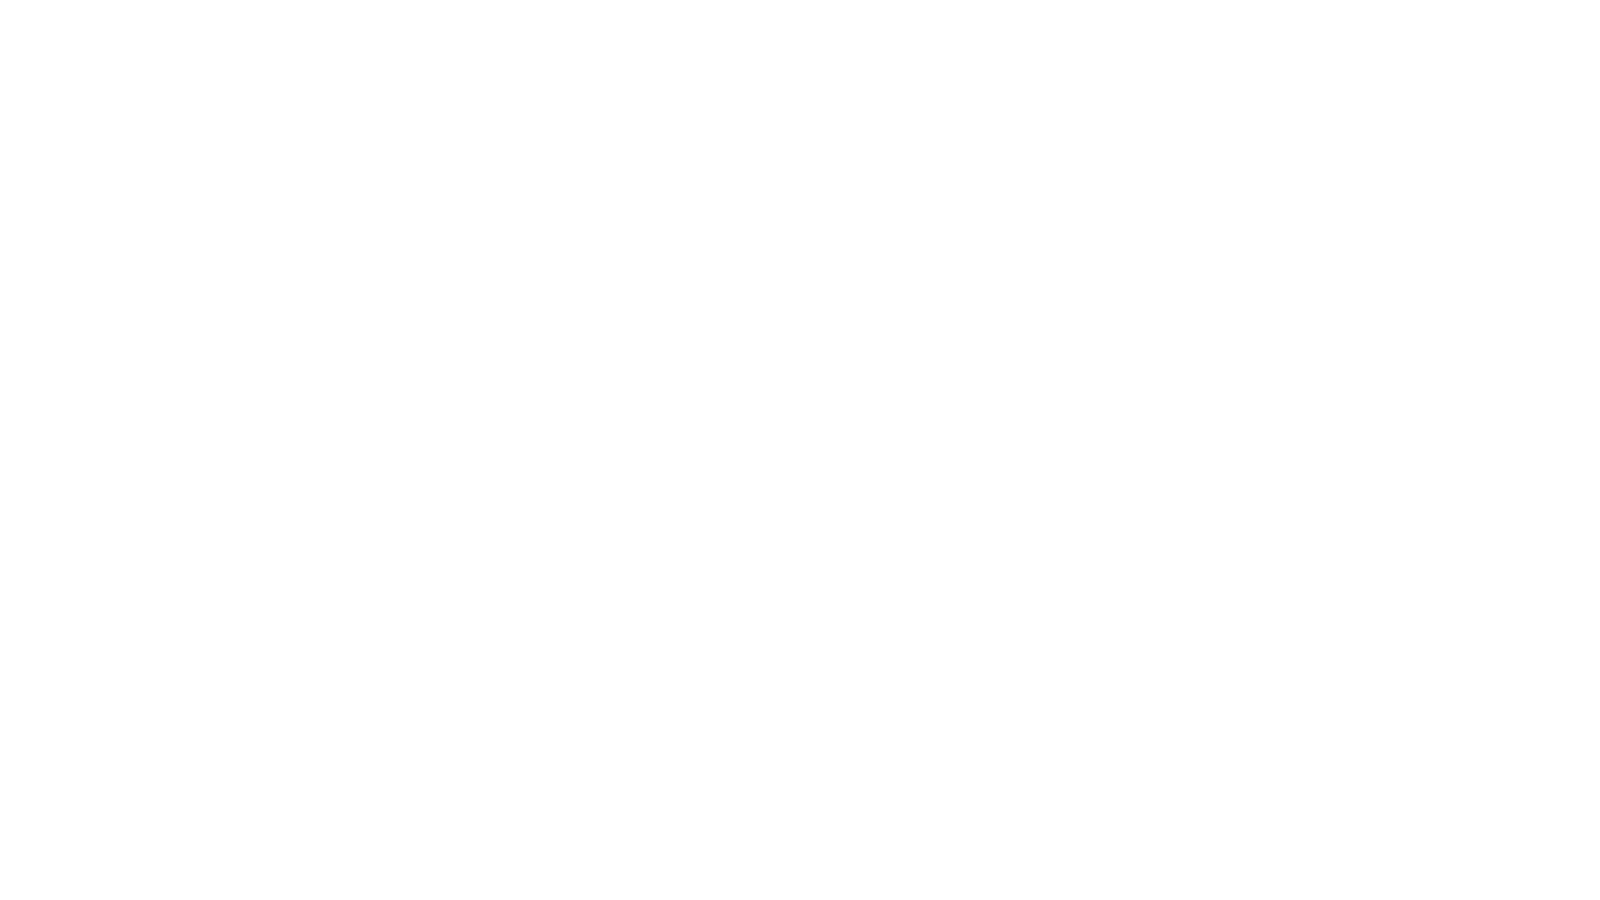 Epeyver.com, cálculo de transferencia de nombre de vehiculo, coche, moto online en Madrid, Toledo, España  Nos gaste tu tiempo en largas colas Trafico: Gestión de transferencias, matriculaciones, informes, etc. Puedes realizar el cálculo online en la sección de transferencia online Transporte: Altas y visados de tarjetas de transporte de servicio público y privado  https://www.epeyver.com/servicios/trafico-y-transporte/